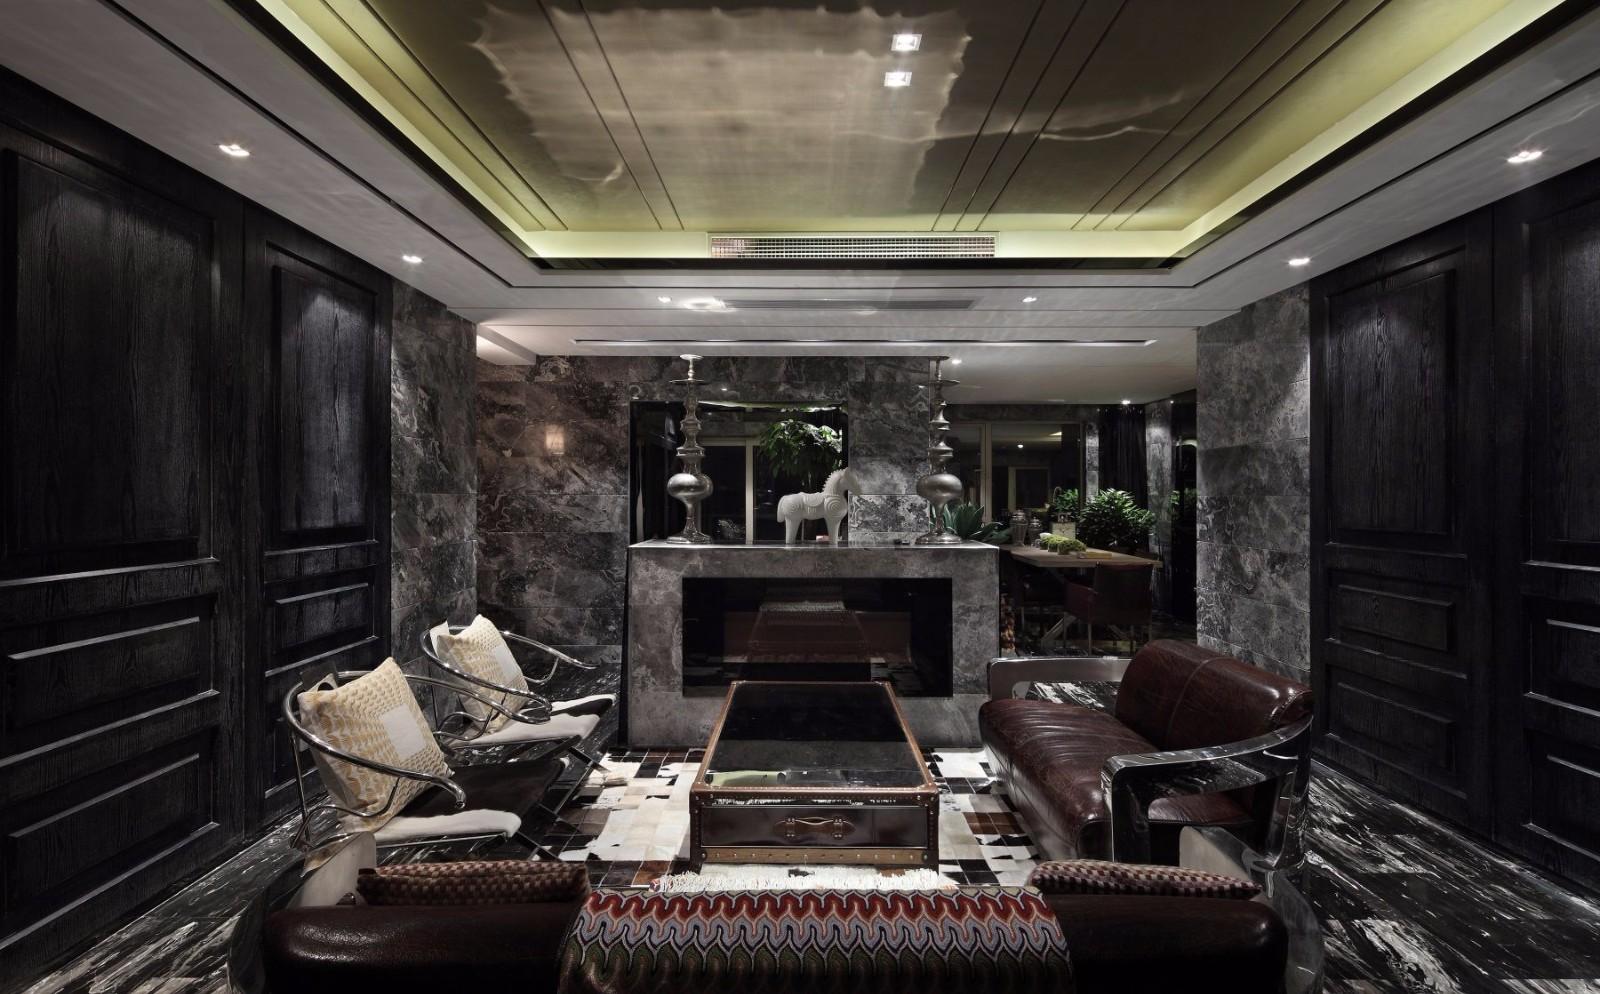 黑色调后现代风格客厅装修效果图